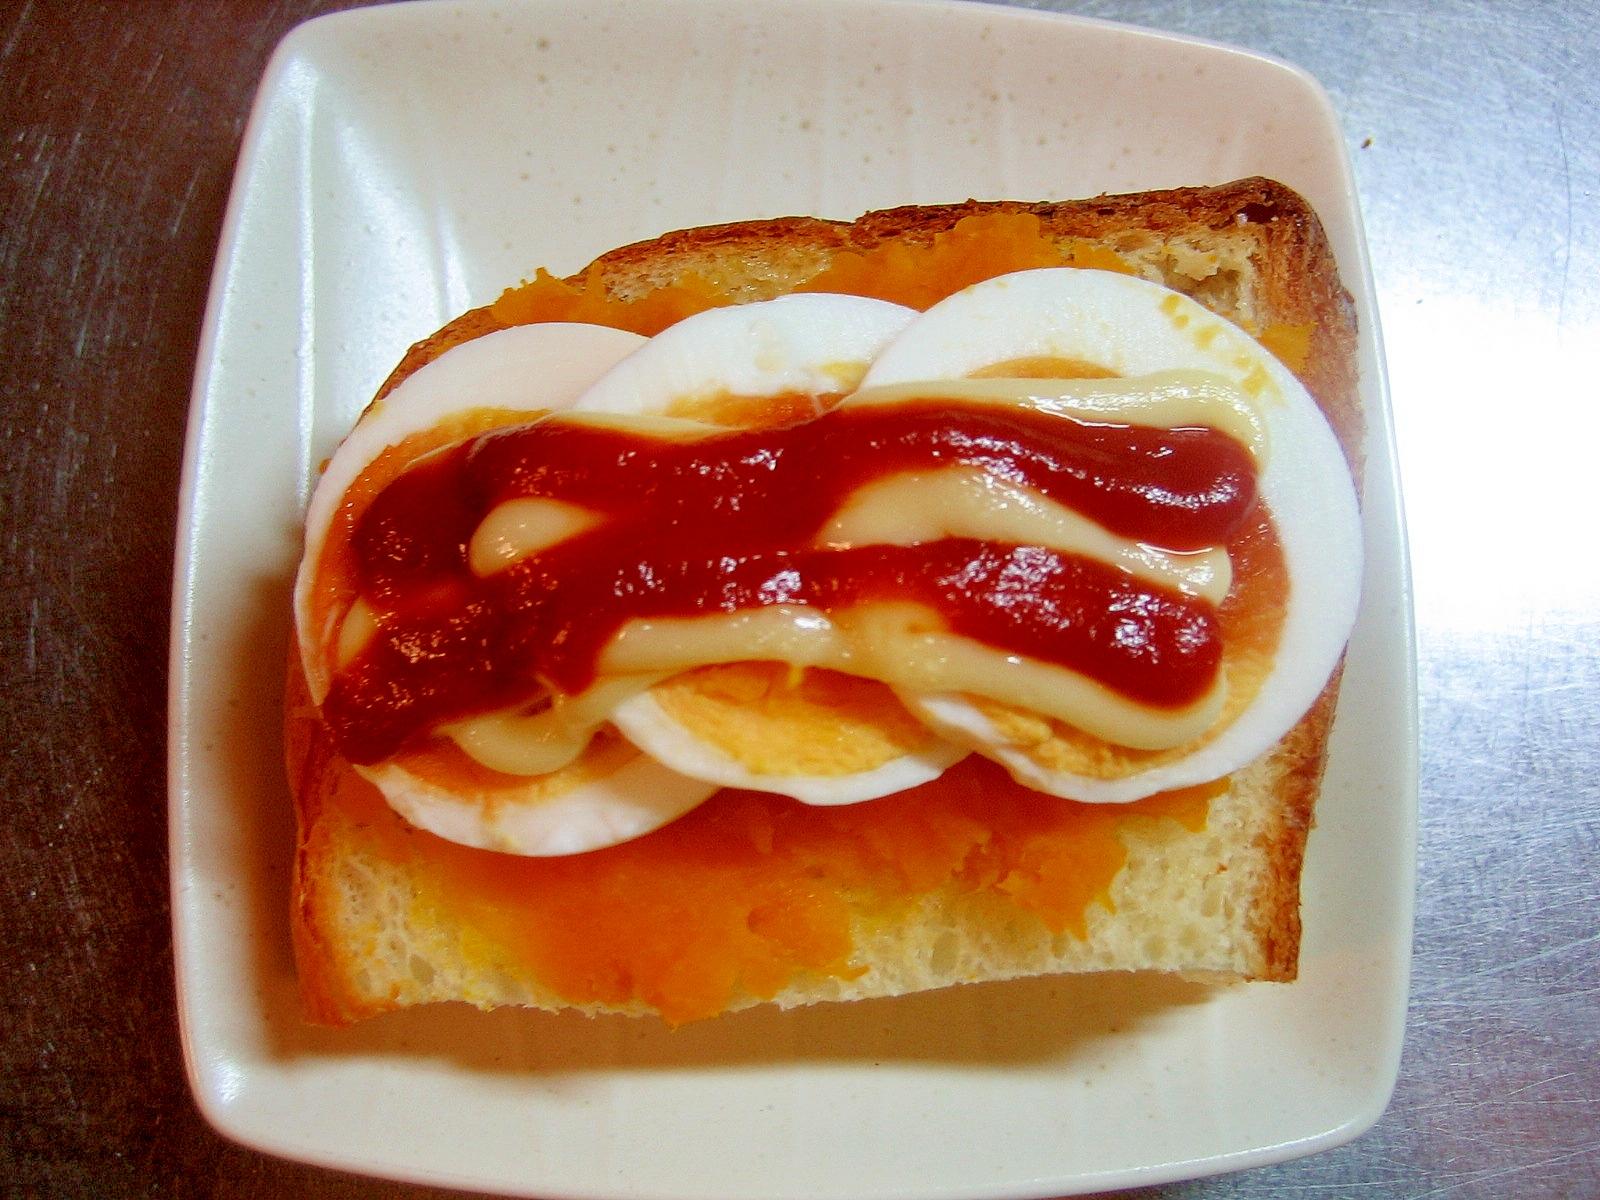 かぼちゃと茹で卵のマヨケチャップトースト